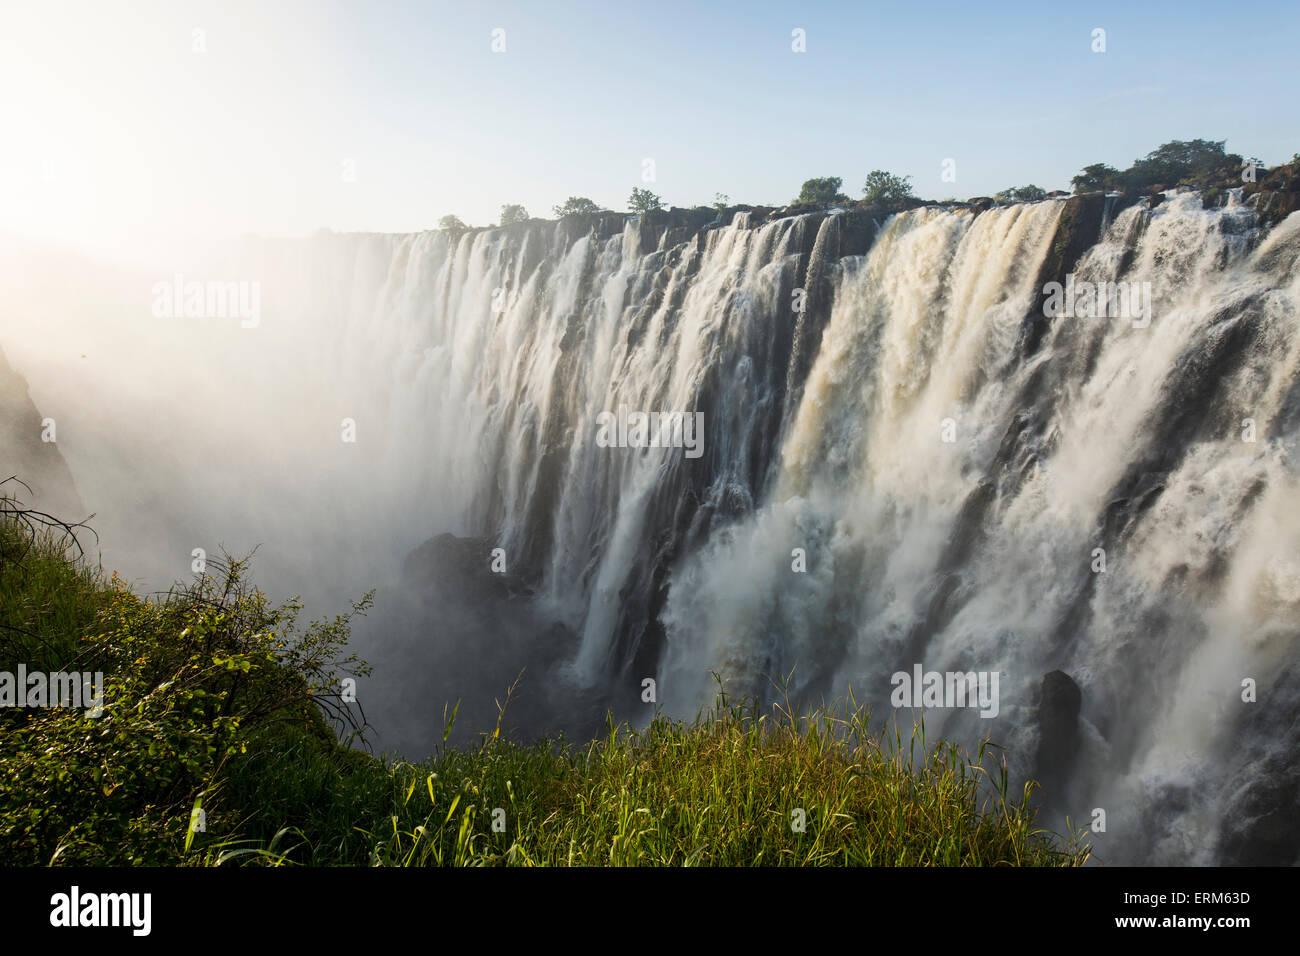 Afrika, Sambia, Mosi-Oa-Tunya Nationalpark, untergehende Sonne leuchtet Eastern Katarakt Viktoriafälle Stockfoto